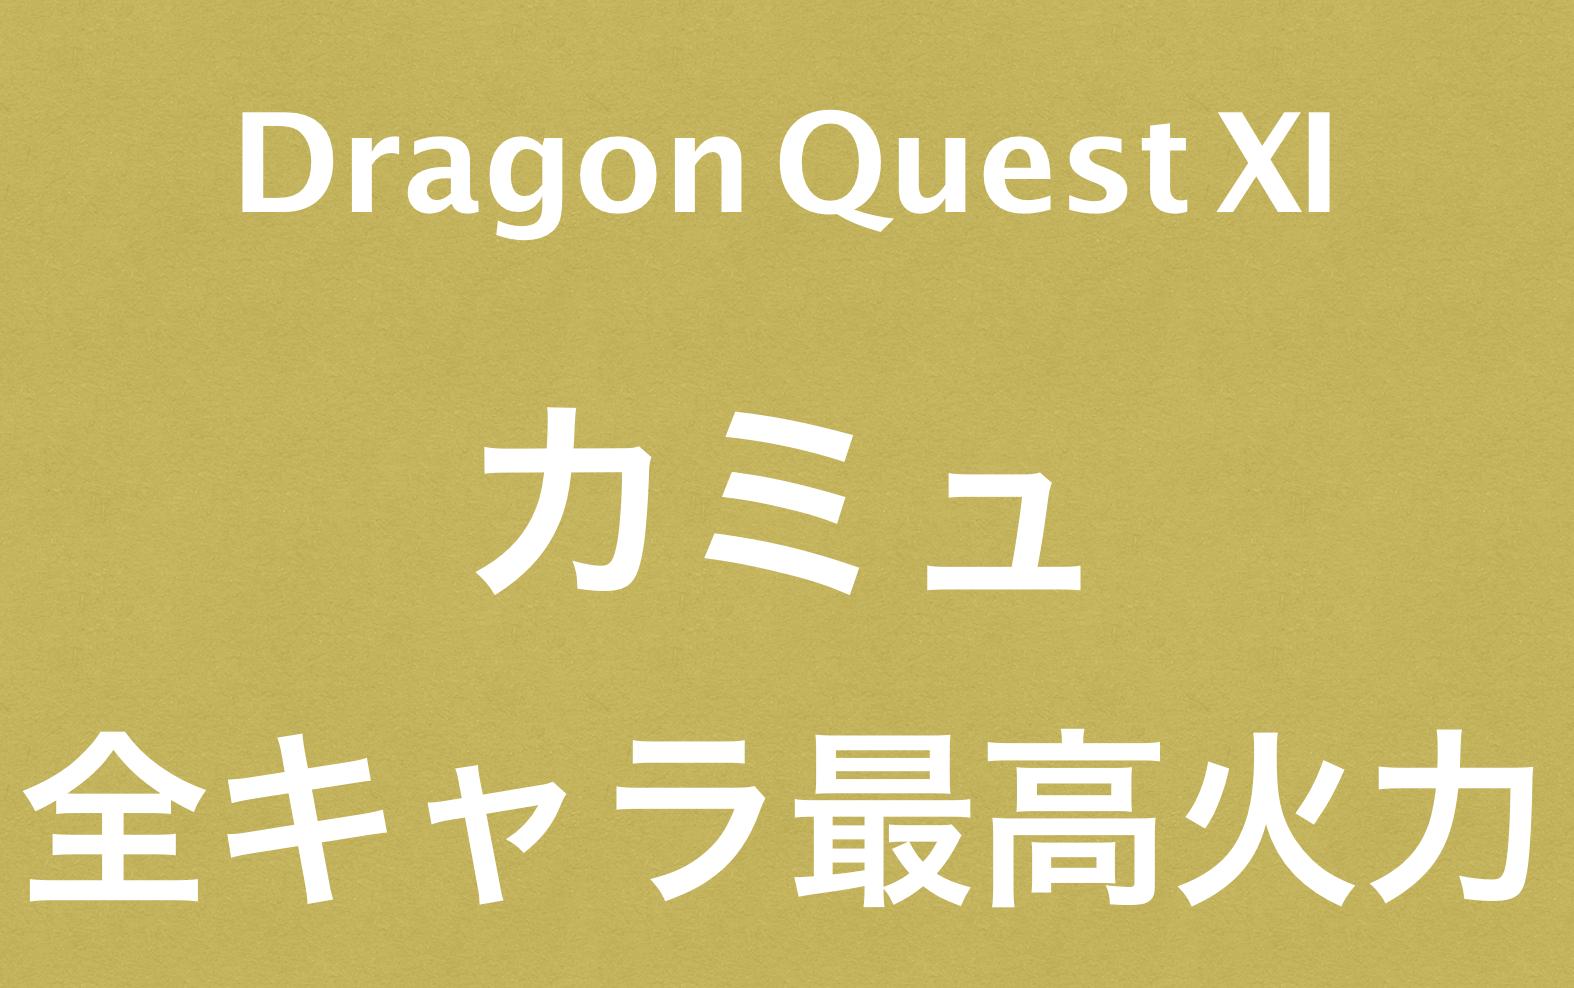 全キャラ中最高攻撃力を誇る「カミュ」ドラクエ11キャラクター紹介